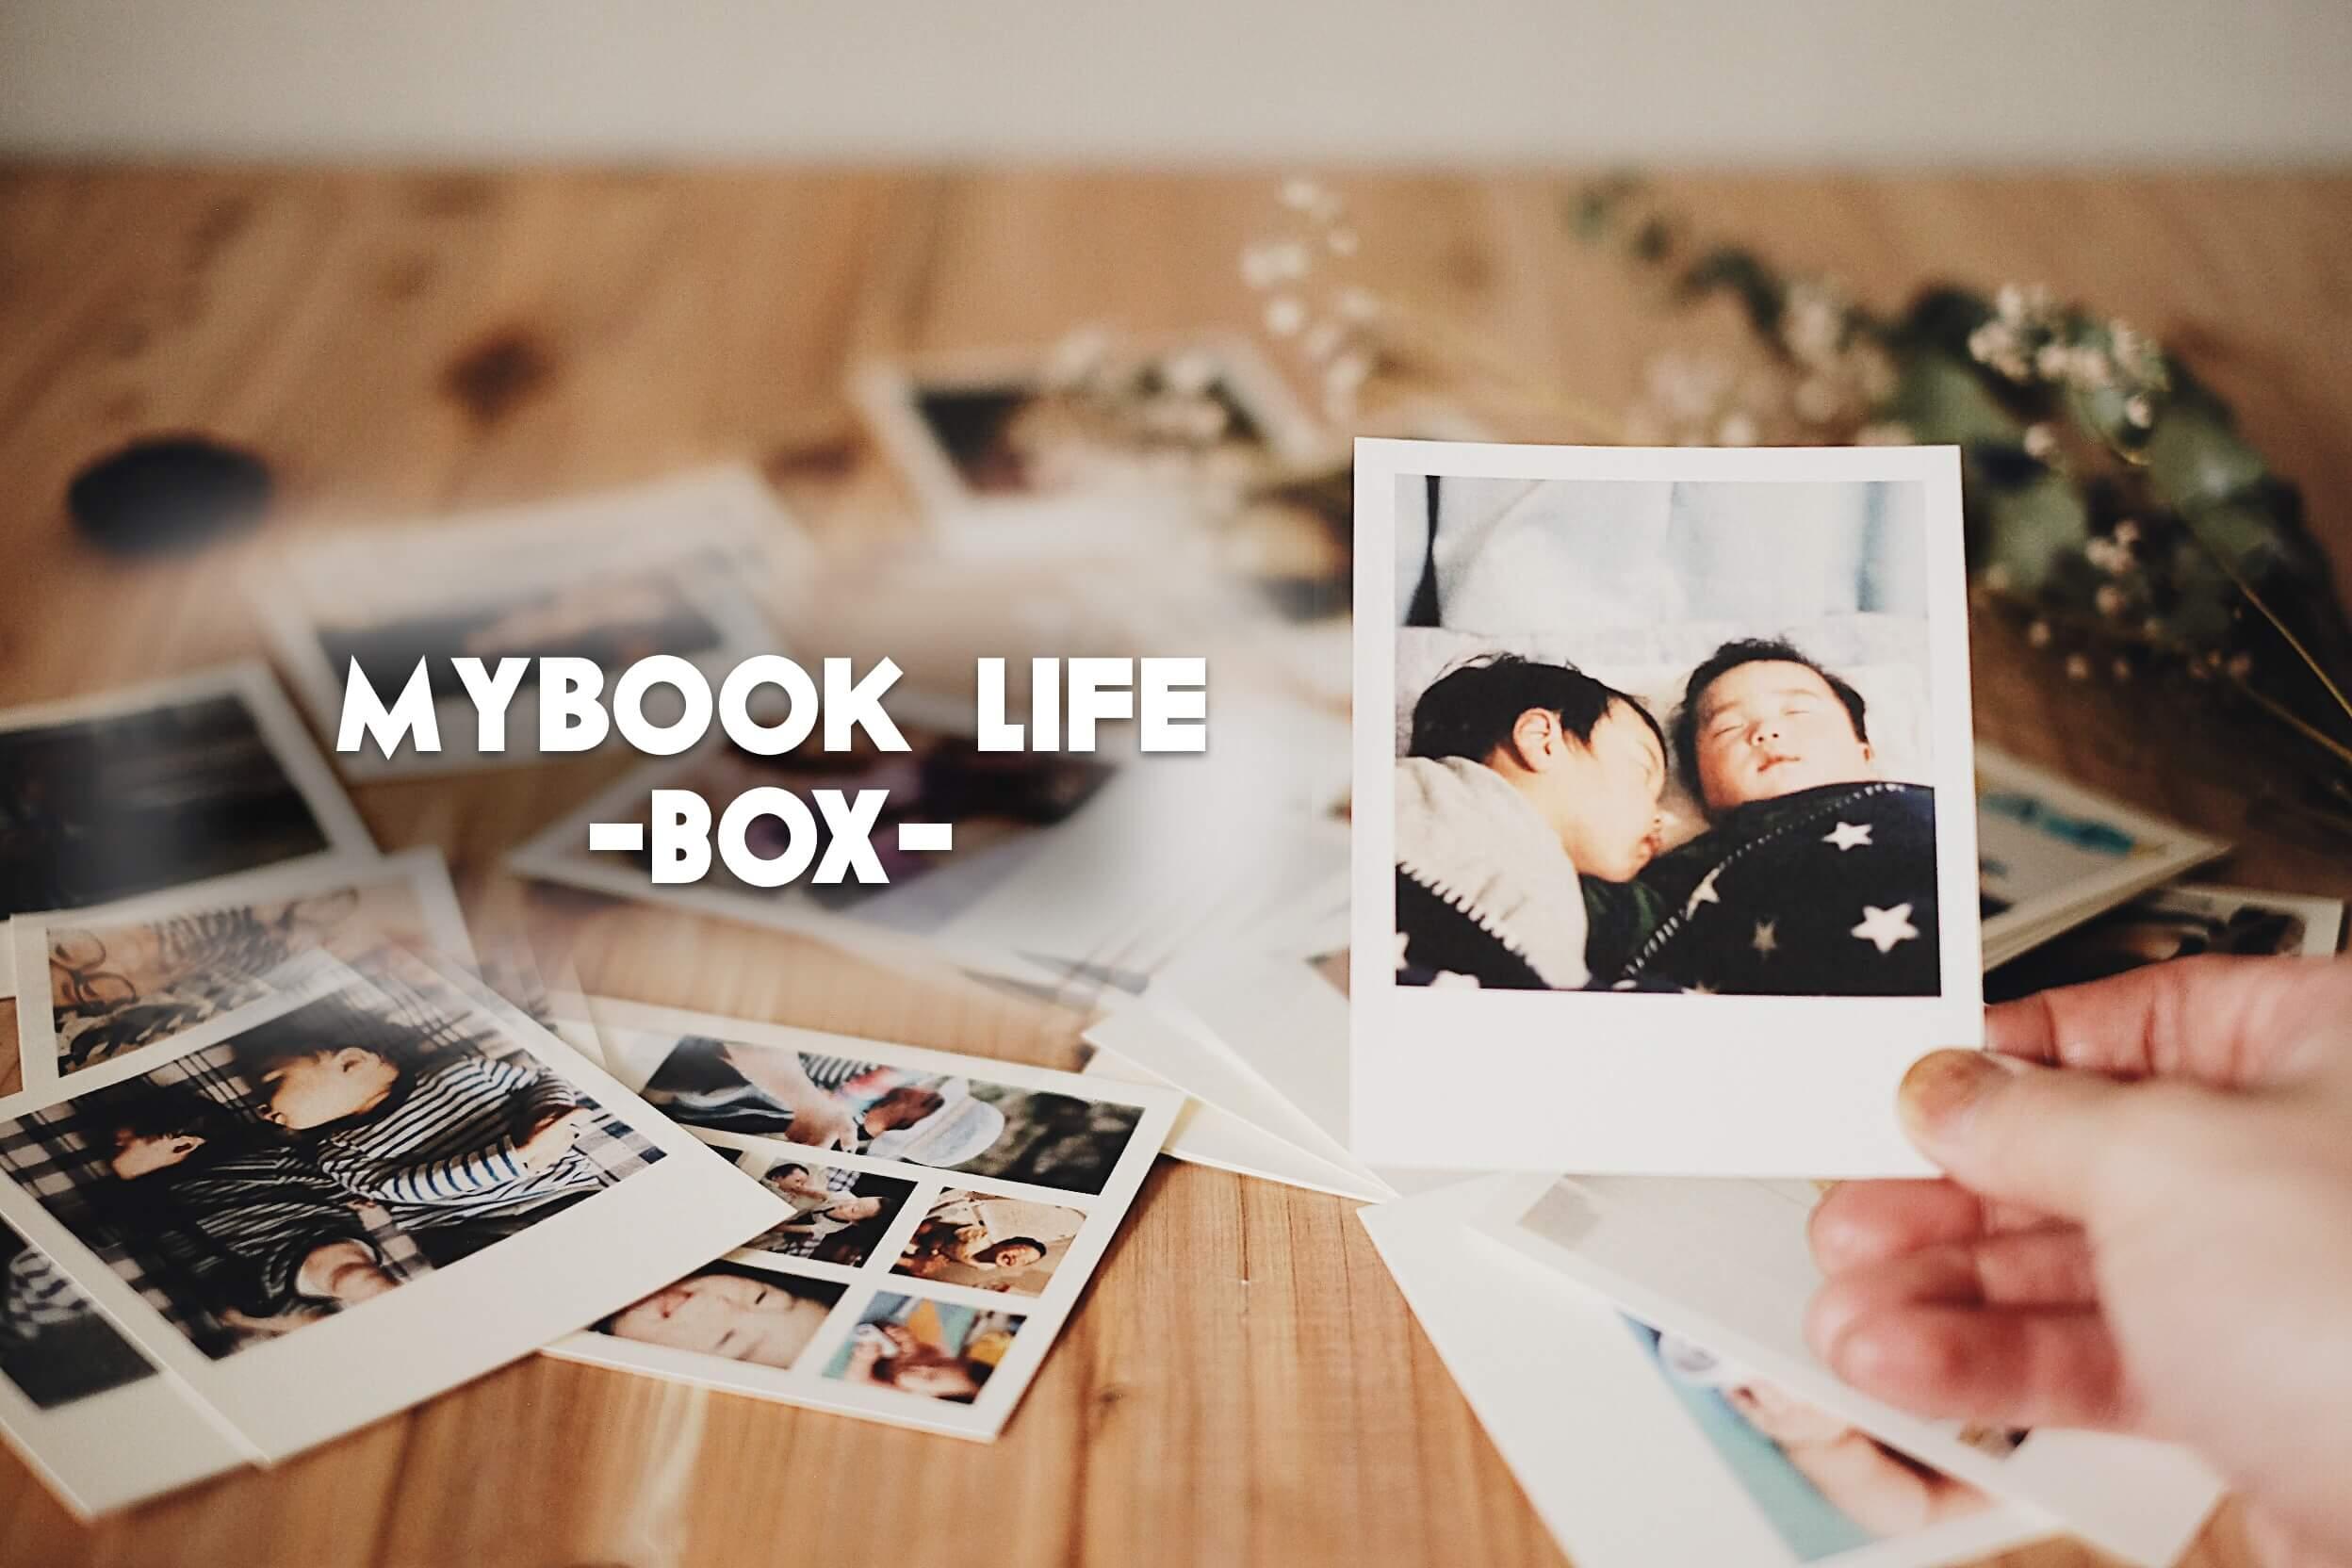 たまった子供の写真を印刷!ましかくでオシャレなネットプリント「box」